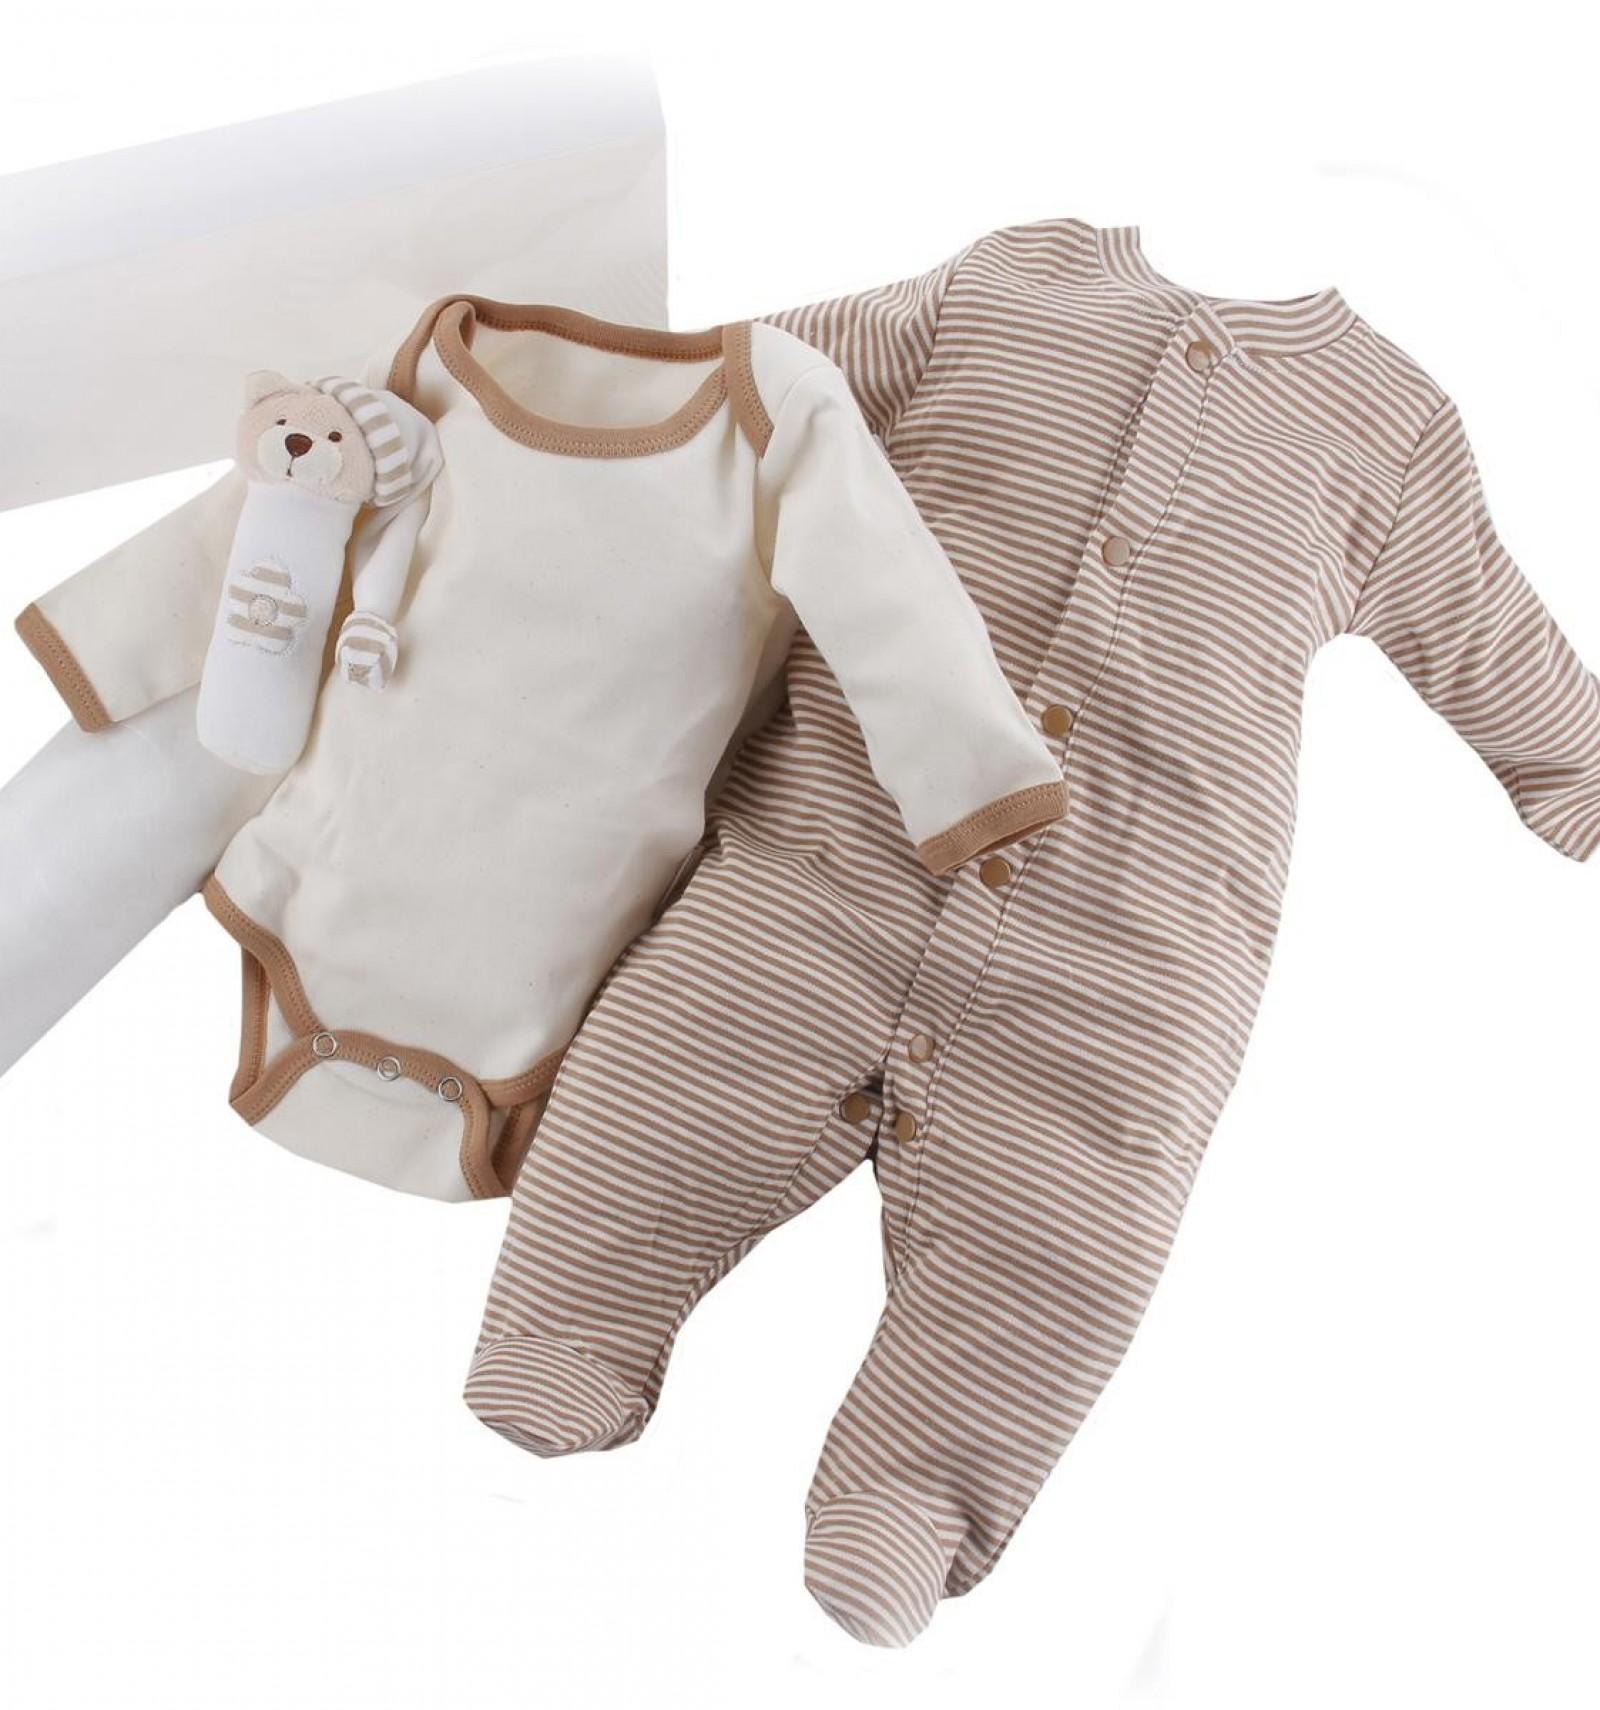 5b0b7ca8a Maletin de regalo para recién nacido y bebé con pijama y body de algodón  orgánico de